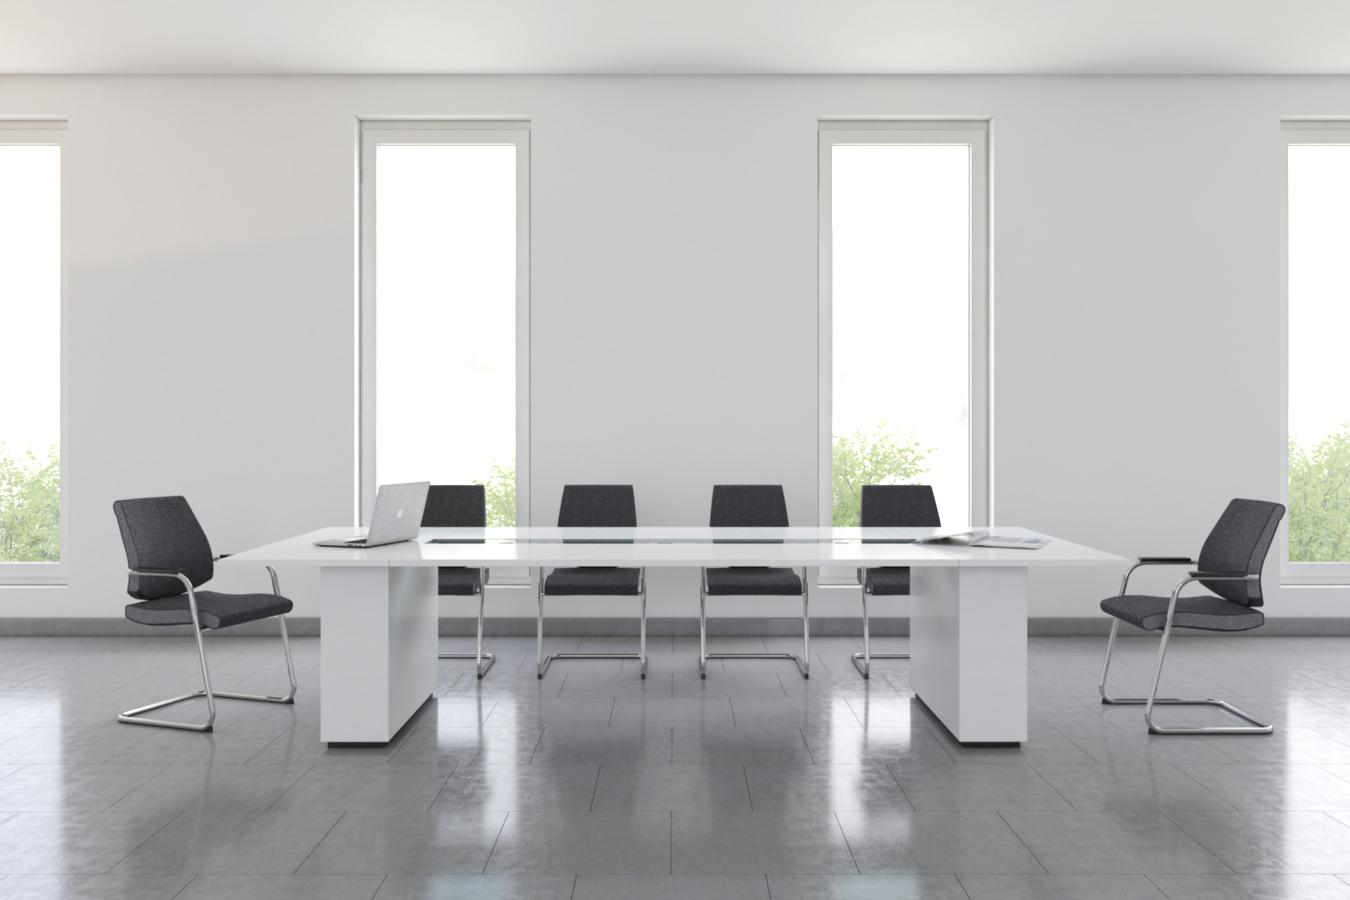 rendu 3D photo réaliste d'une table de réunion